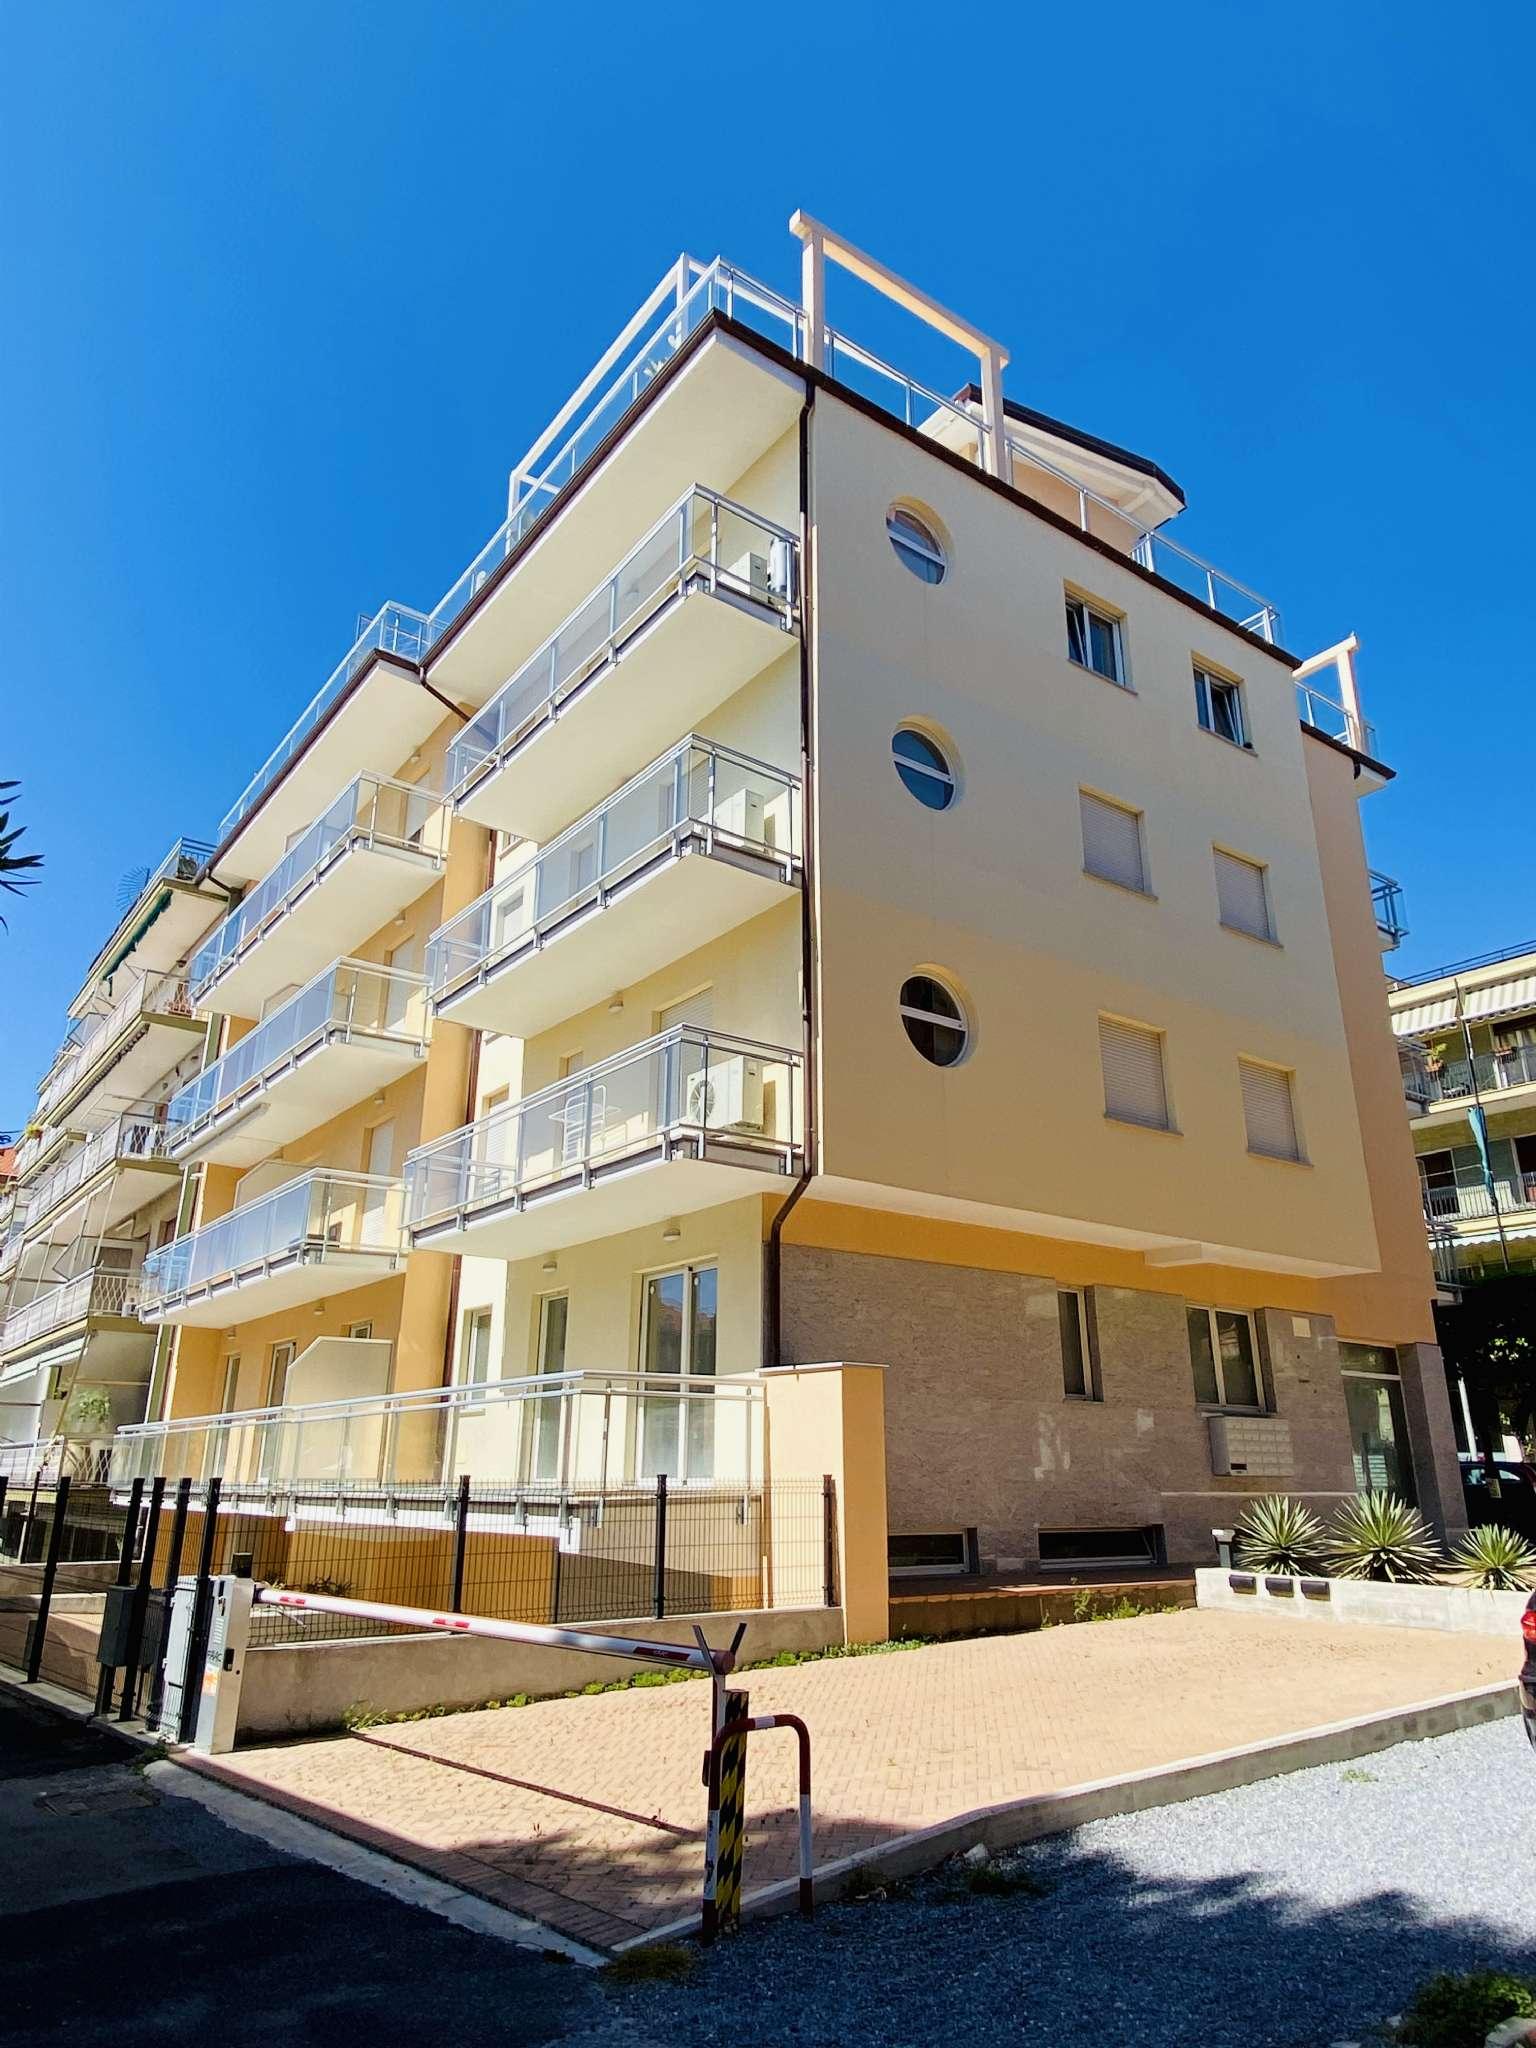 Appartamento in vendita a Diano Marina, 1 locali, prezzo € 300.000 | CambioCasa.it